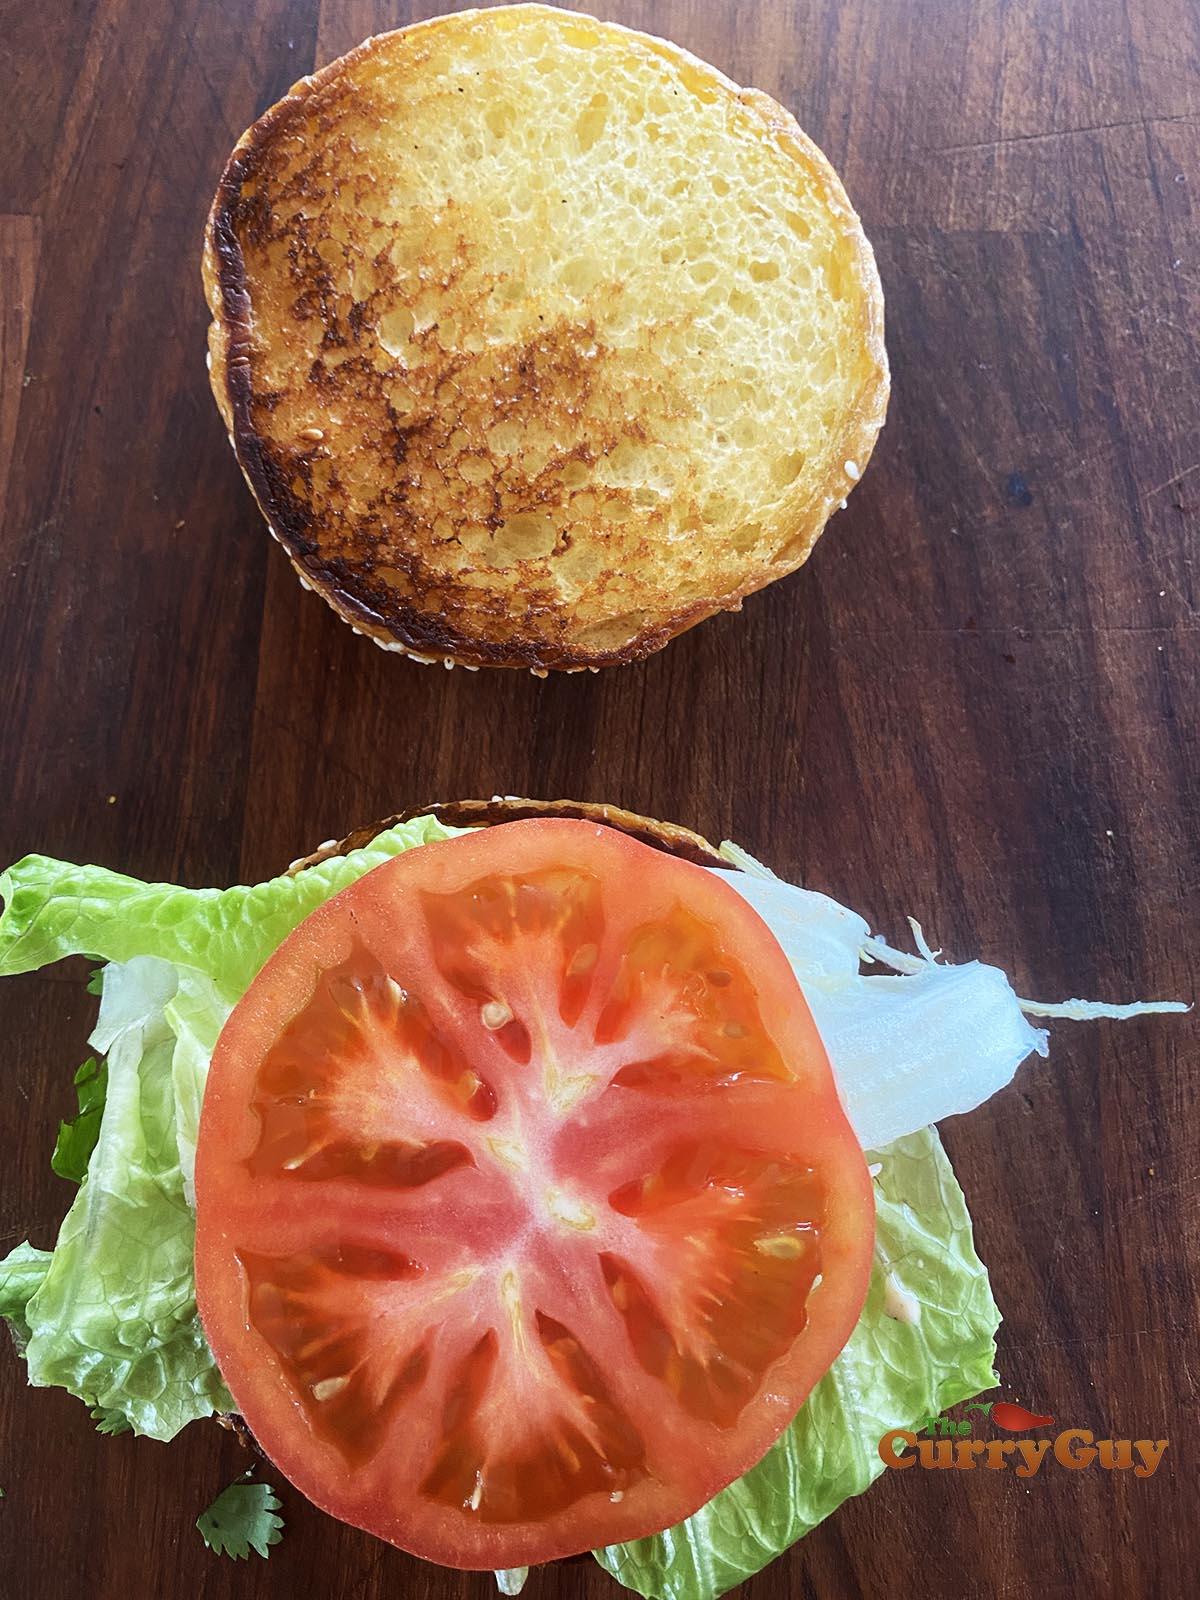 Adding tomato to burger